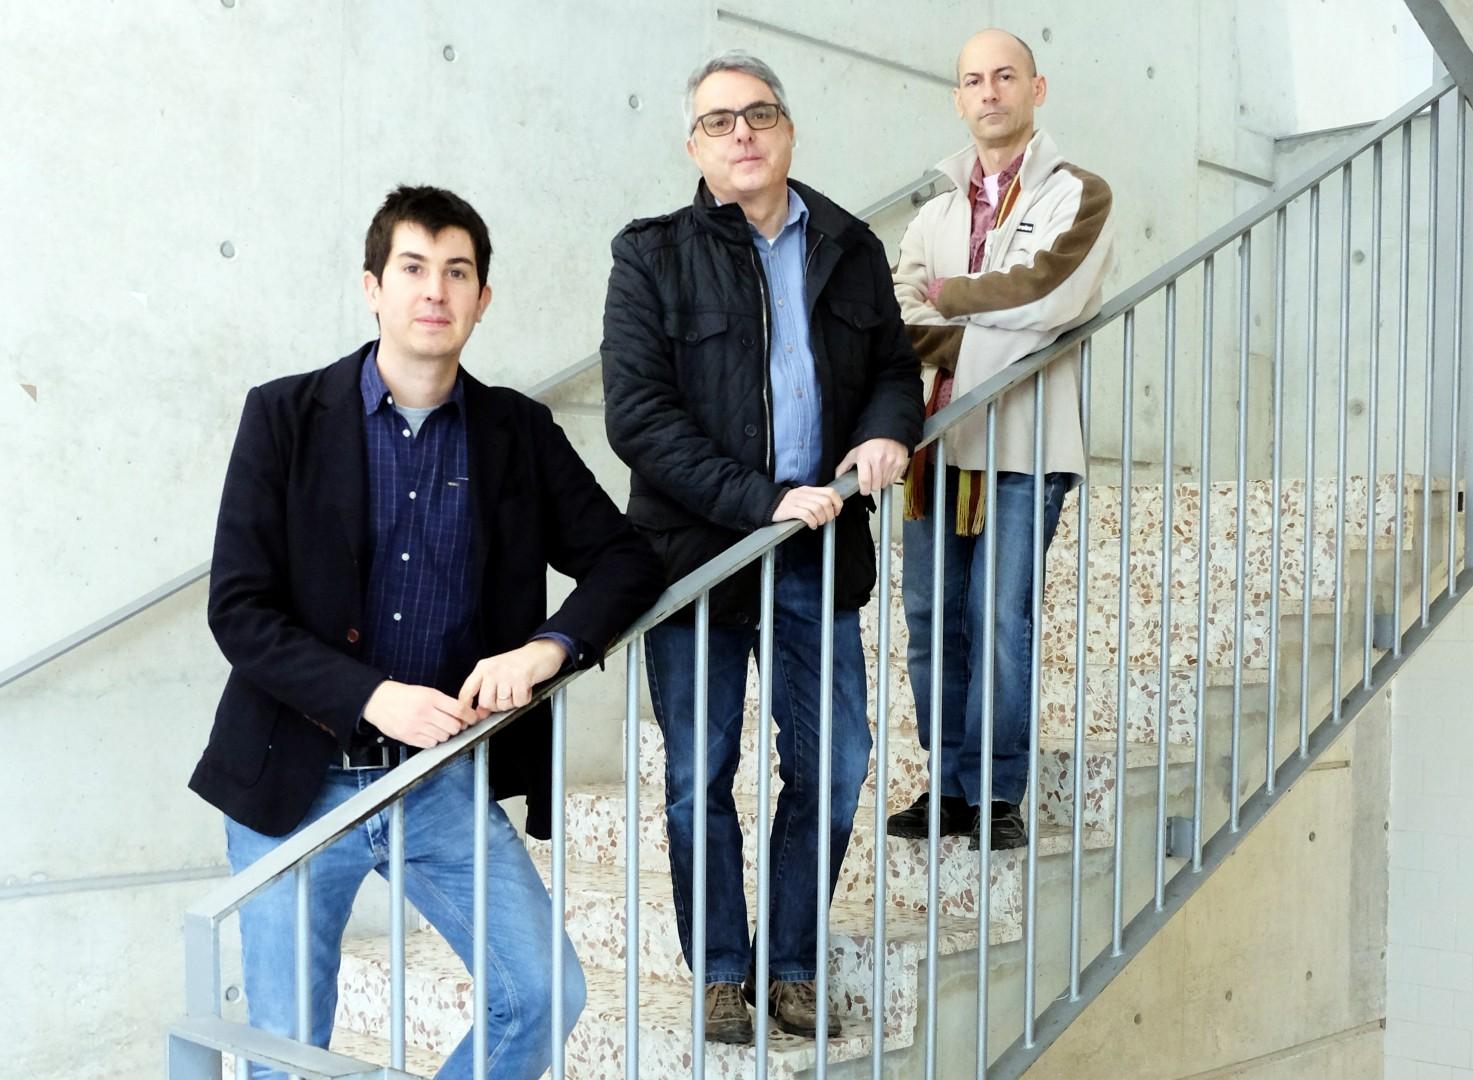 D'esquerra a dreta, els investigadors Albert Samper, Genaro González i Blas Herrera.